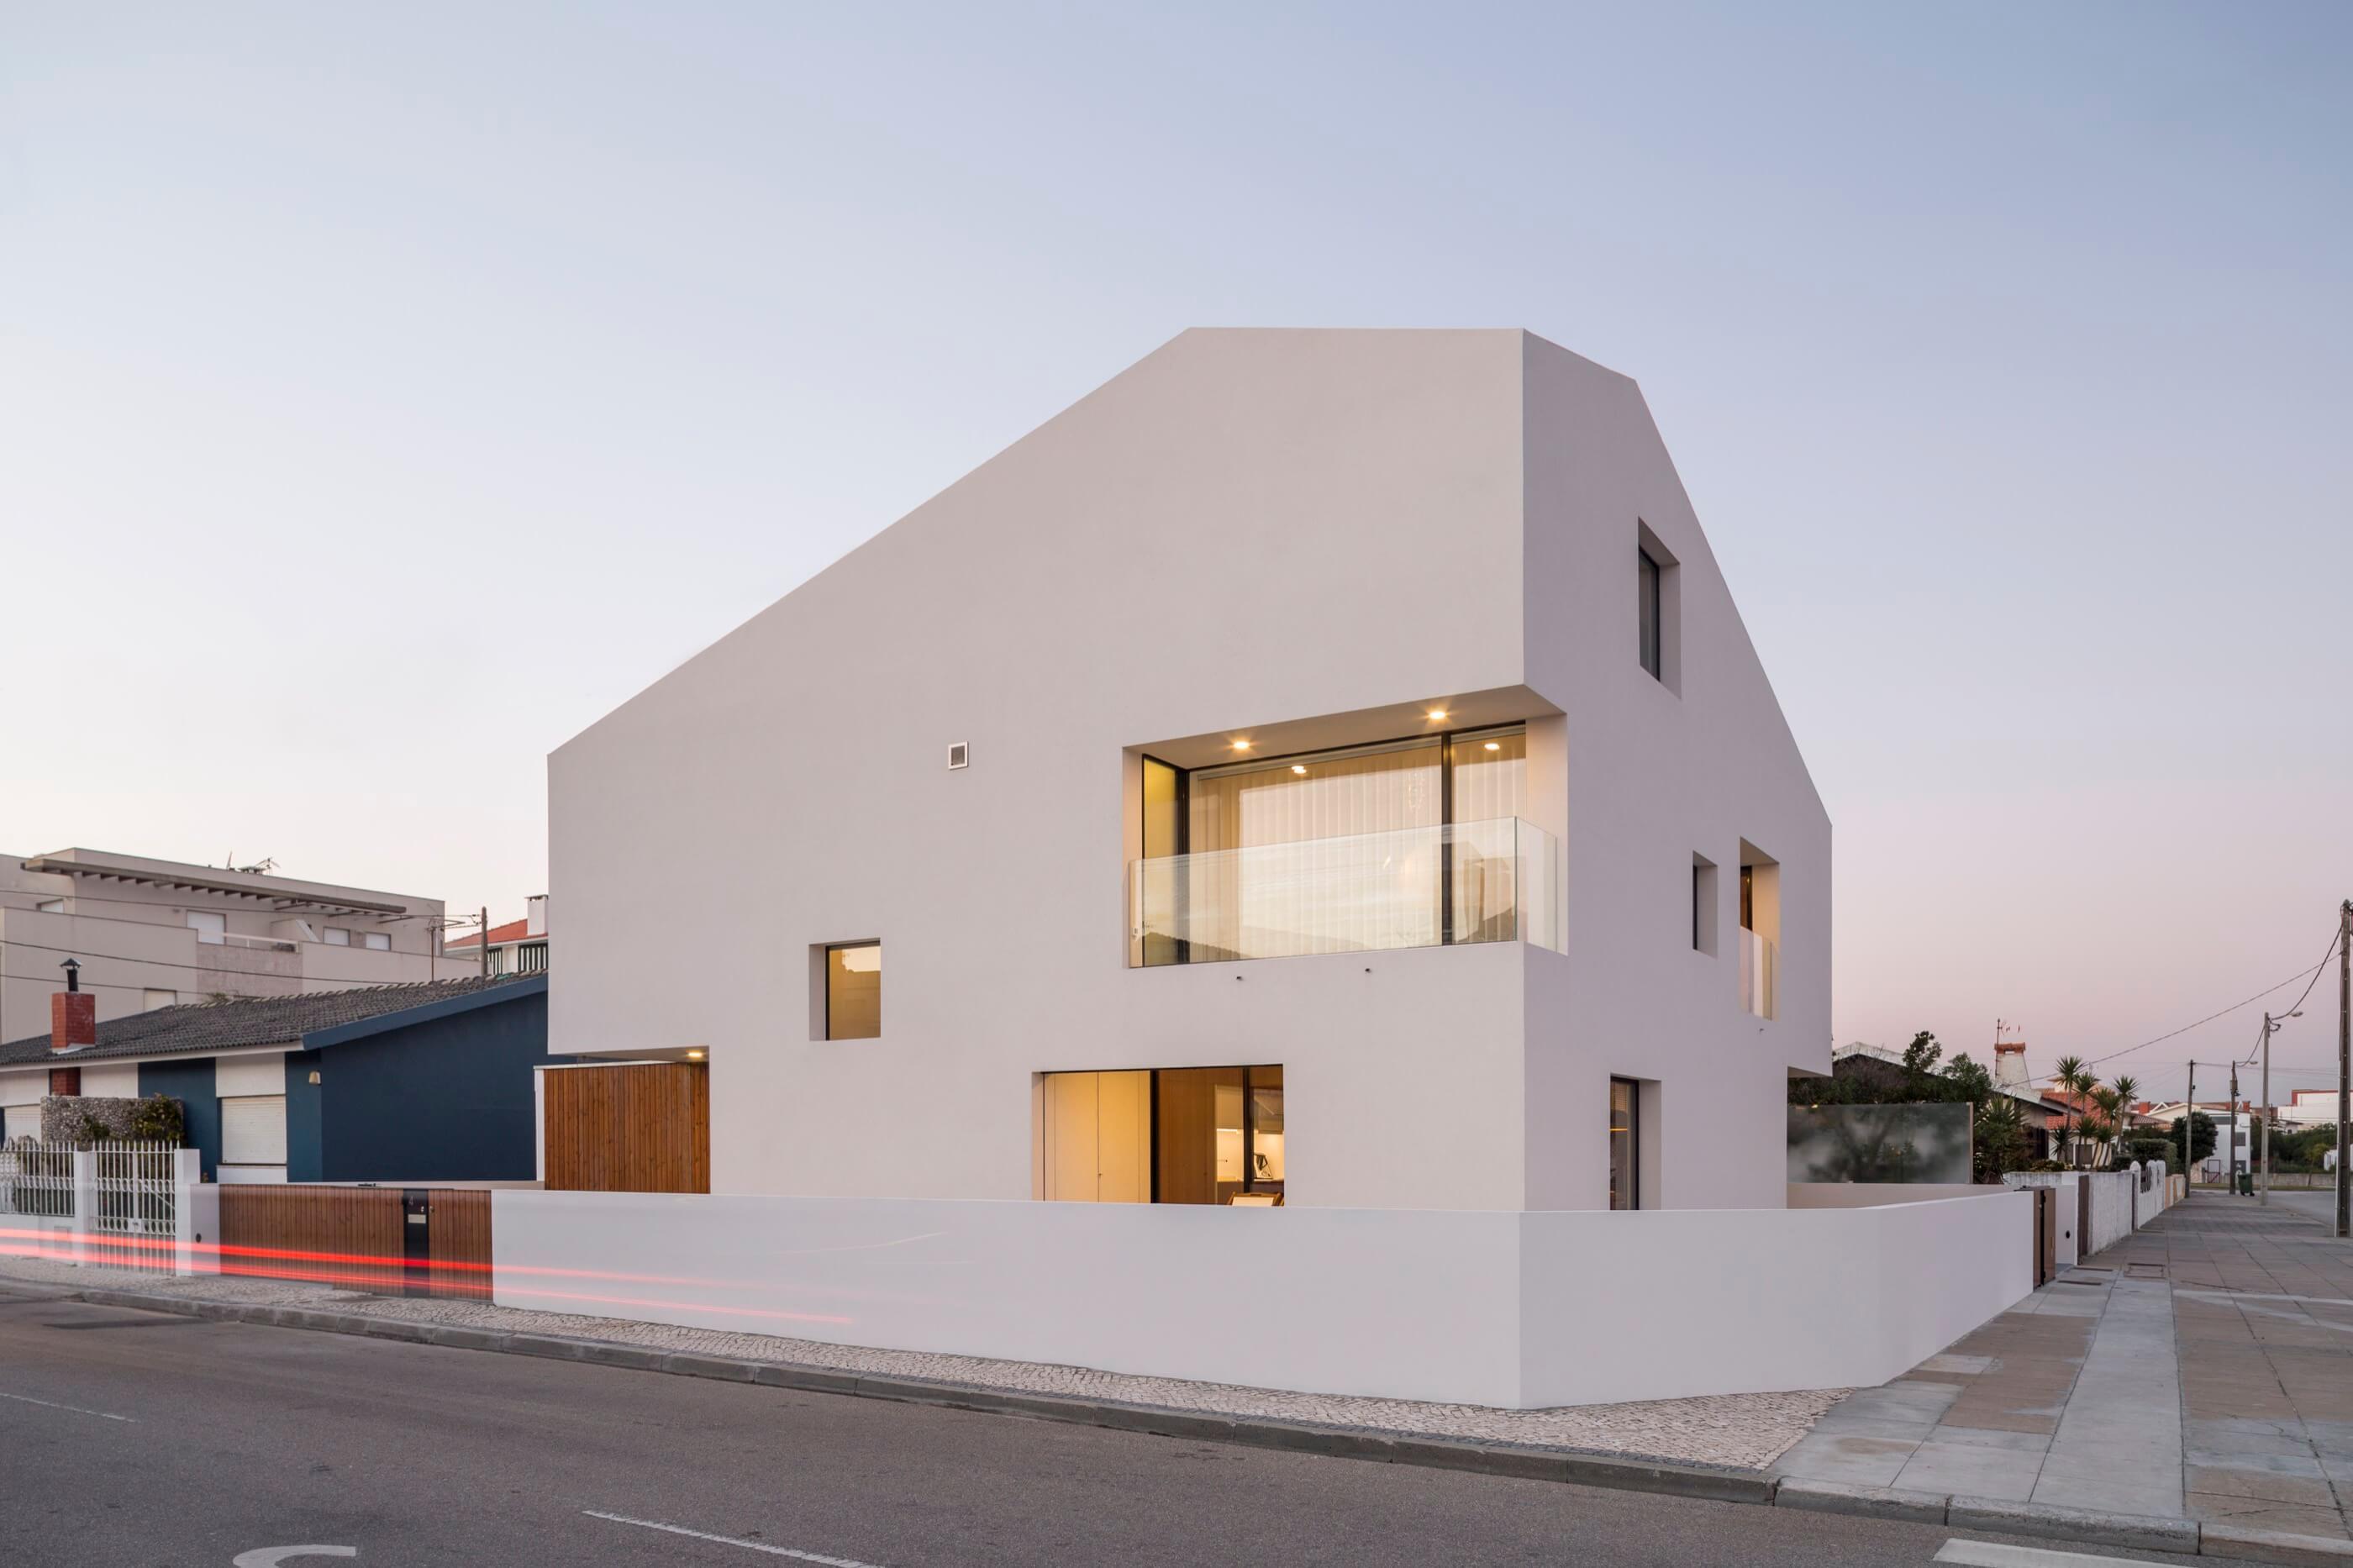 Arquitecto Lousinha Casa Fontes 40 do fotografo Ivo Tavares Studio